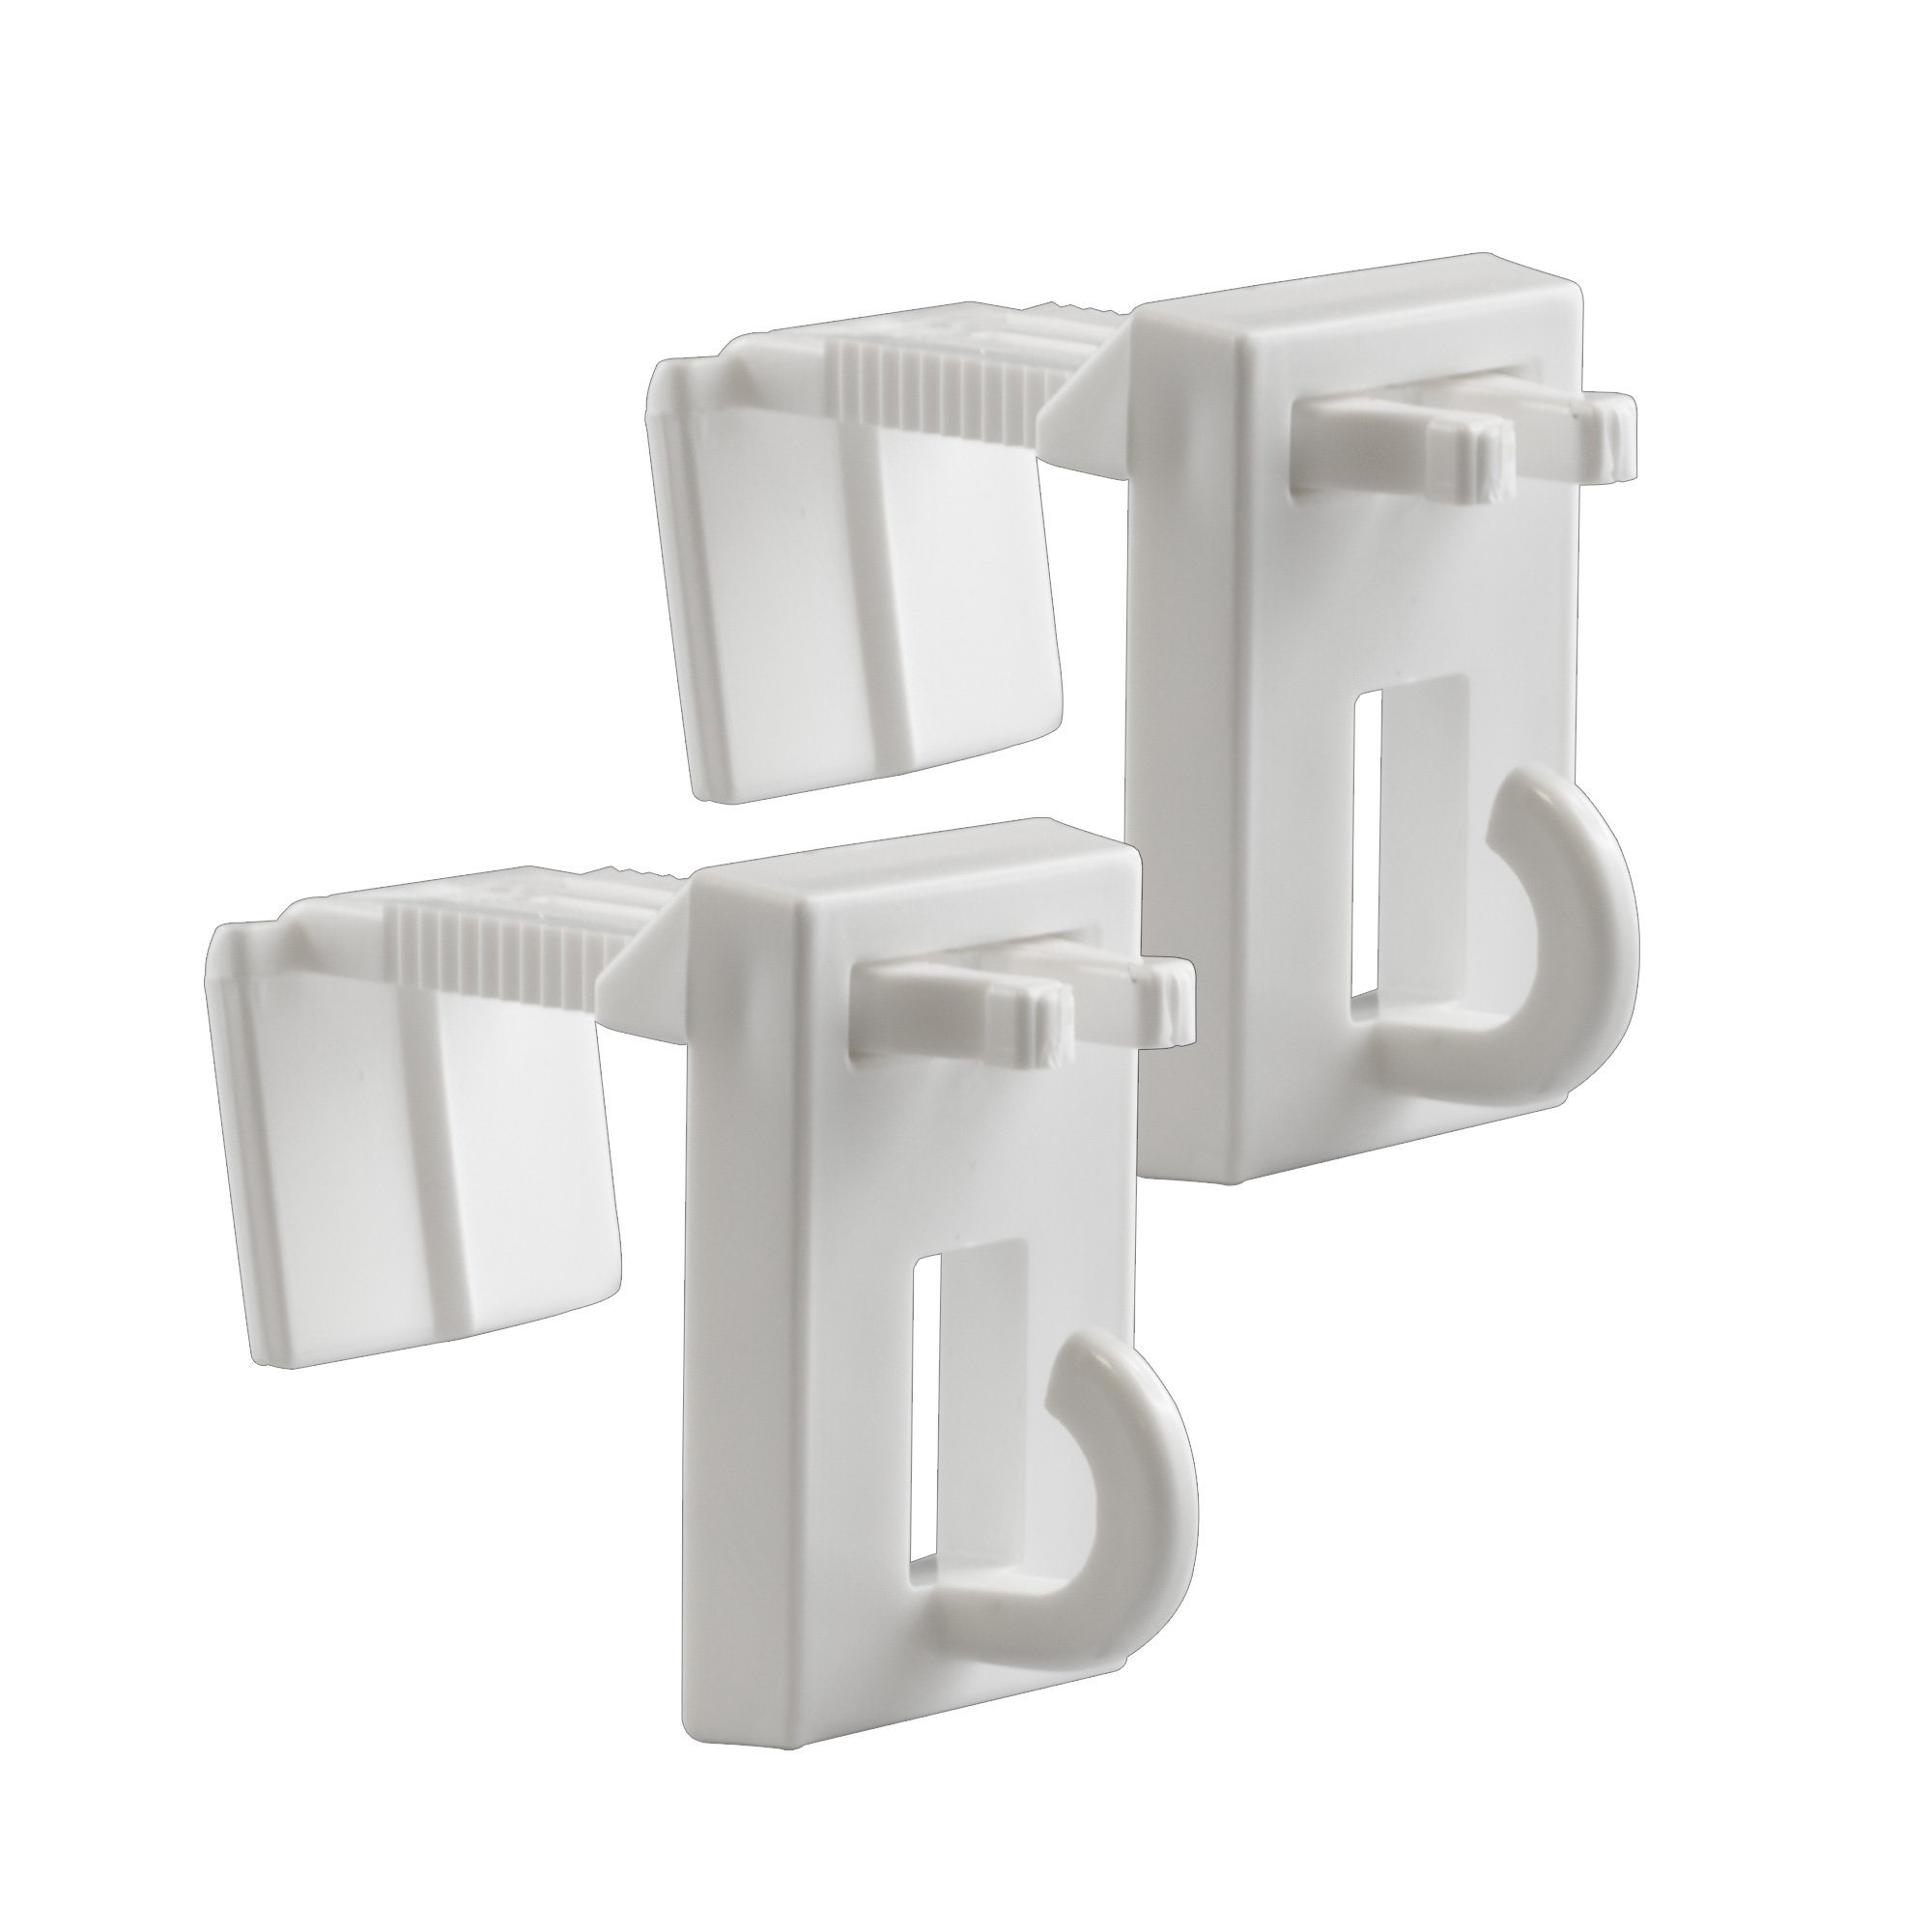 Soportes de Fijación EasyFit para los Estores de Bambú, Blancos, 2 Unidades